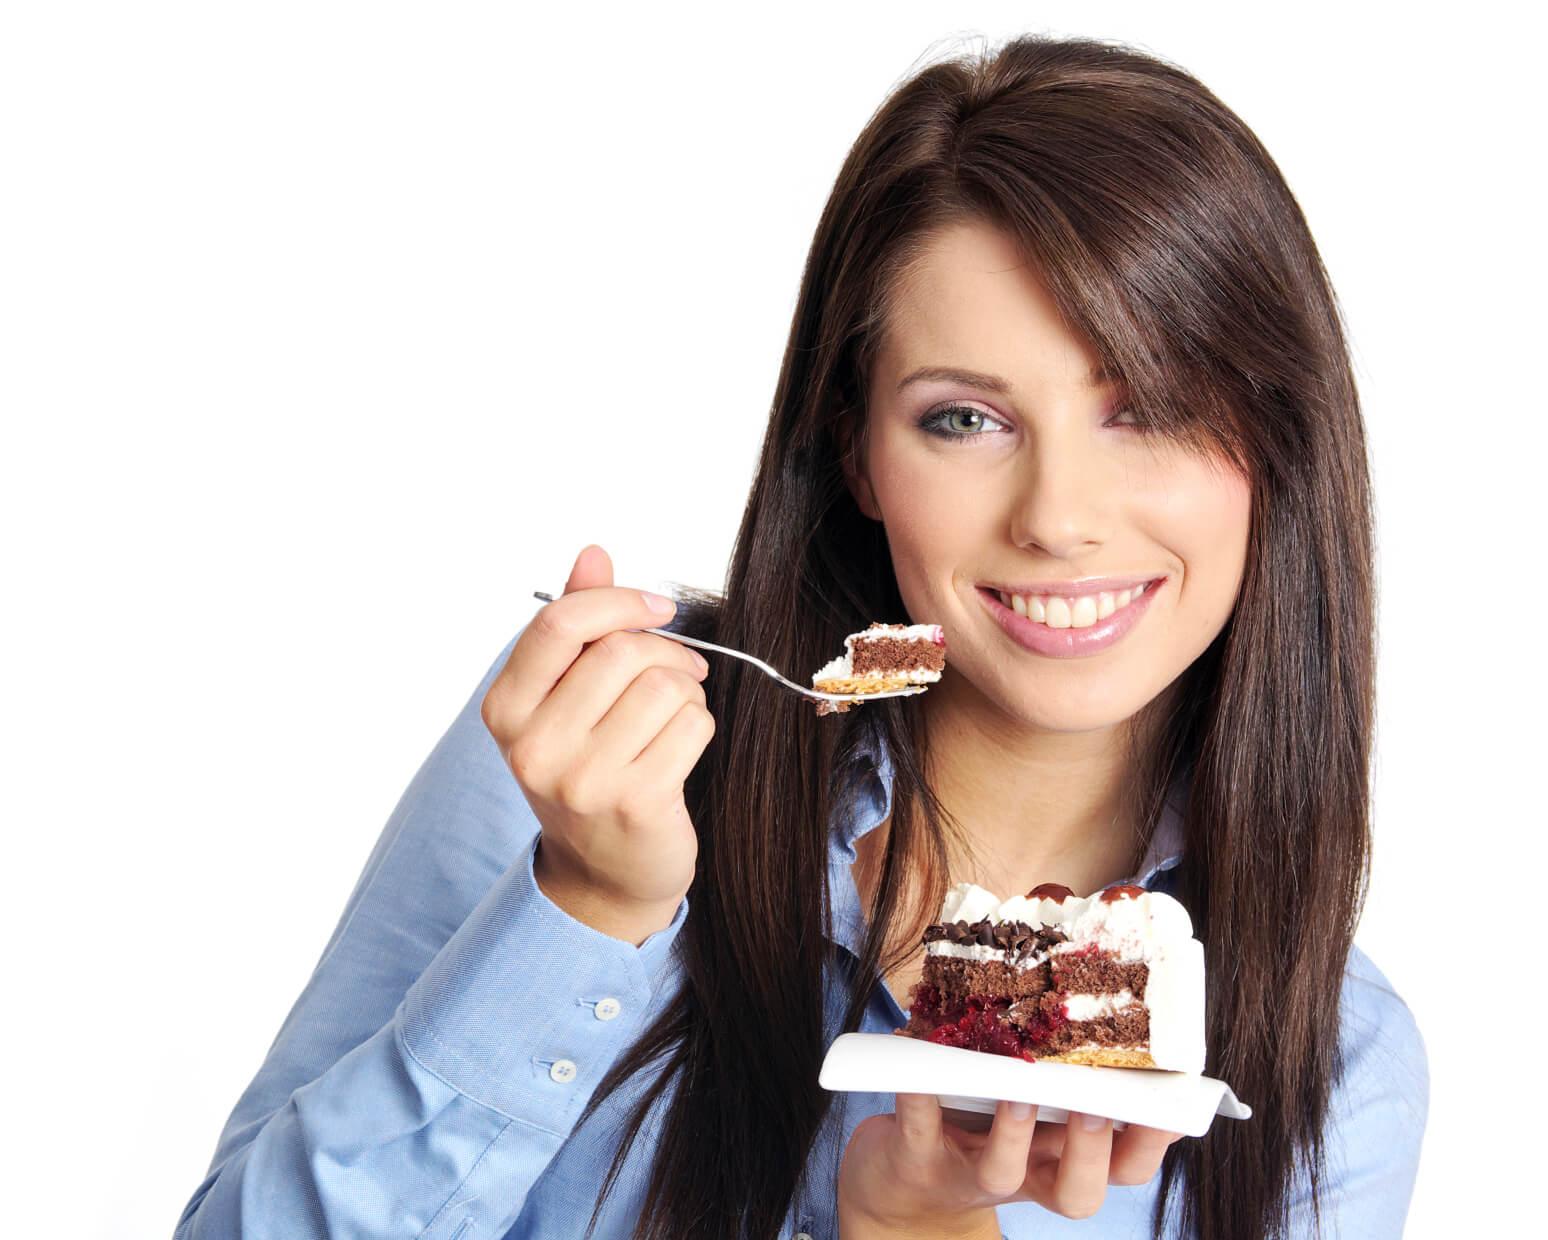 Отрыжка воздухом возникает во время еды